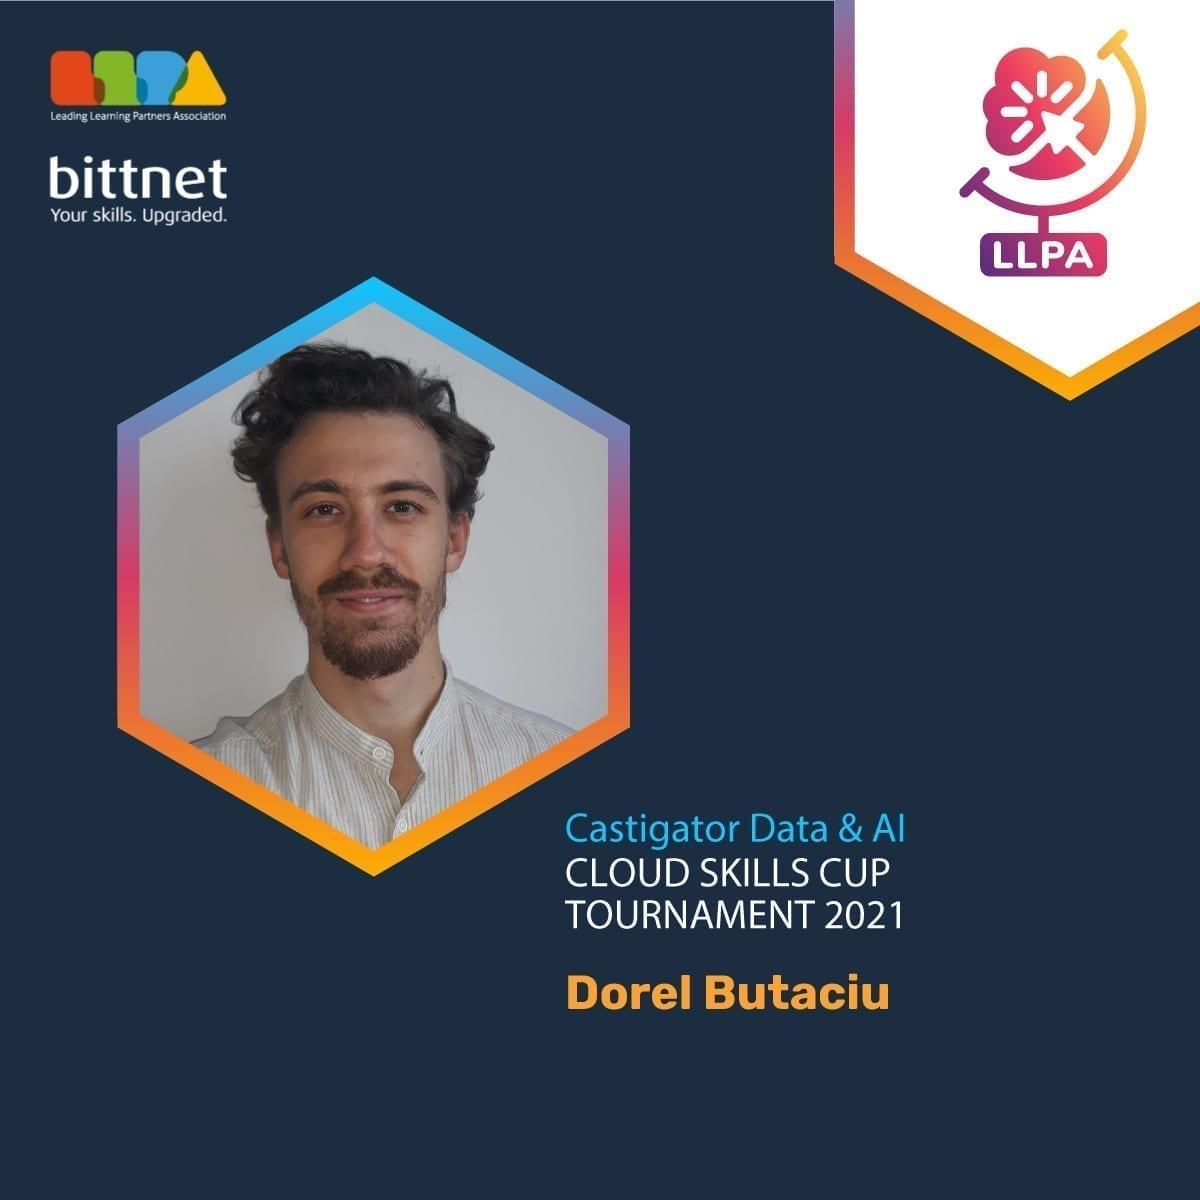 Dorel Butaciu castigatorul locului I la categoria Data&AI C3 Cloud Skills Cup.